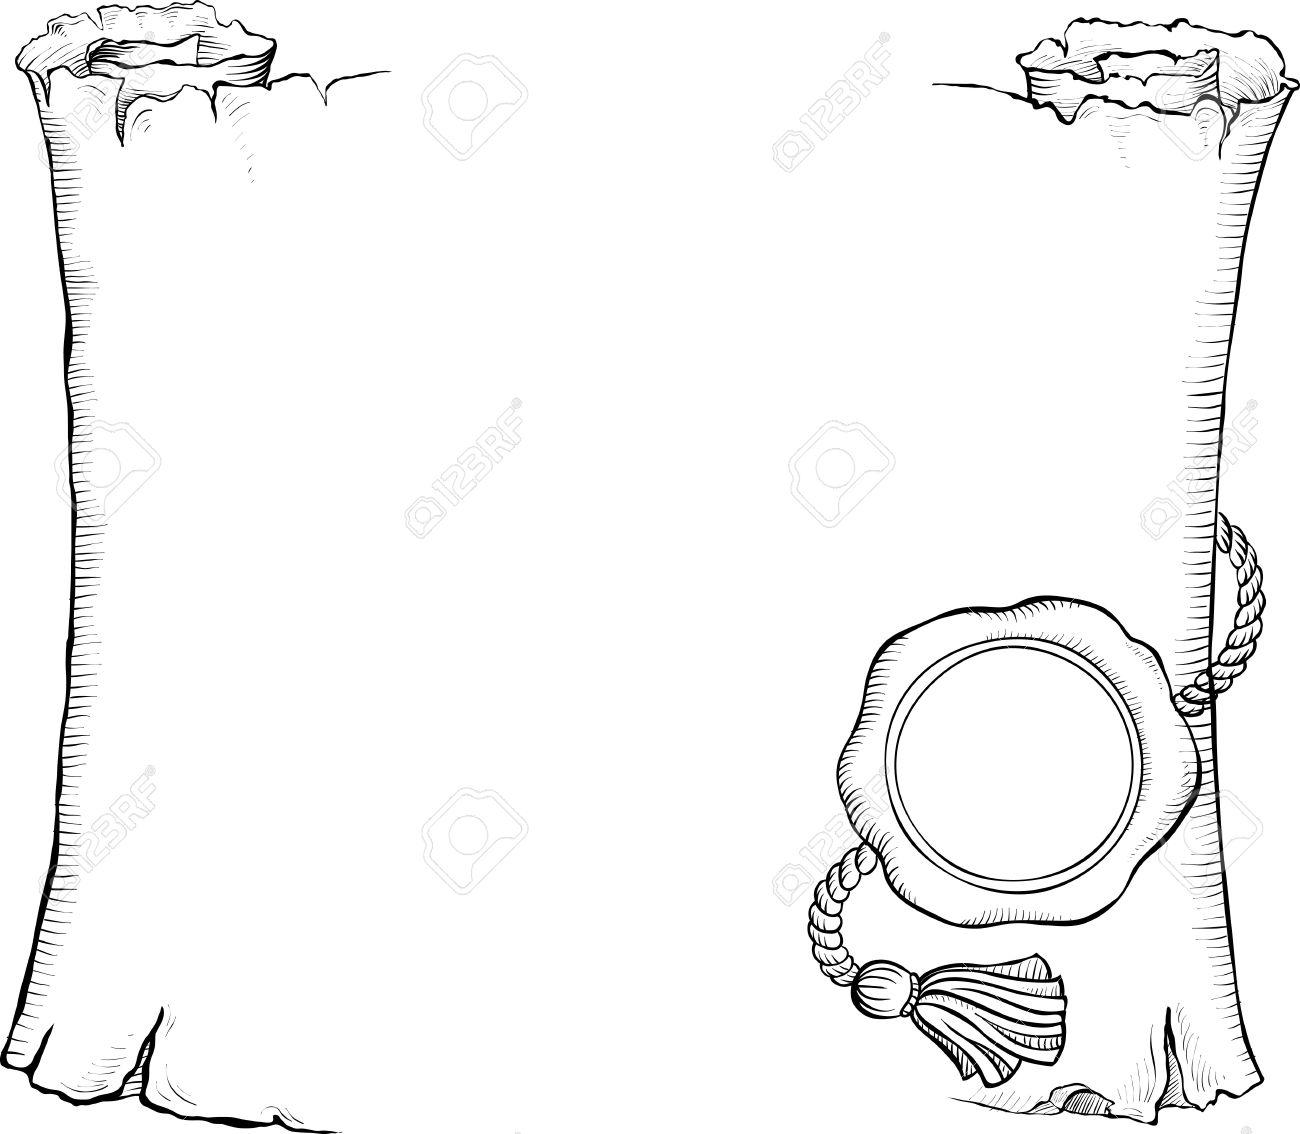 Dibujado A Mano Marco Blanco Y Negro Ilustración Vectorial Aspecto ...